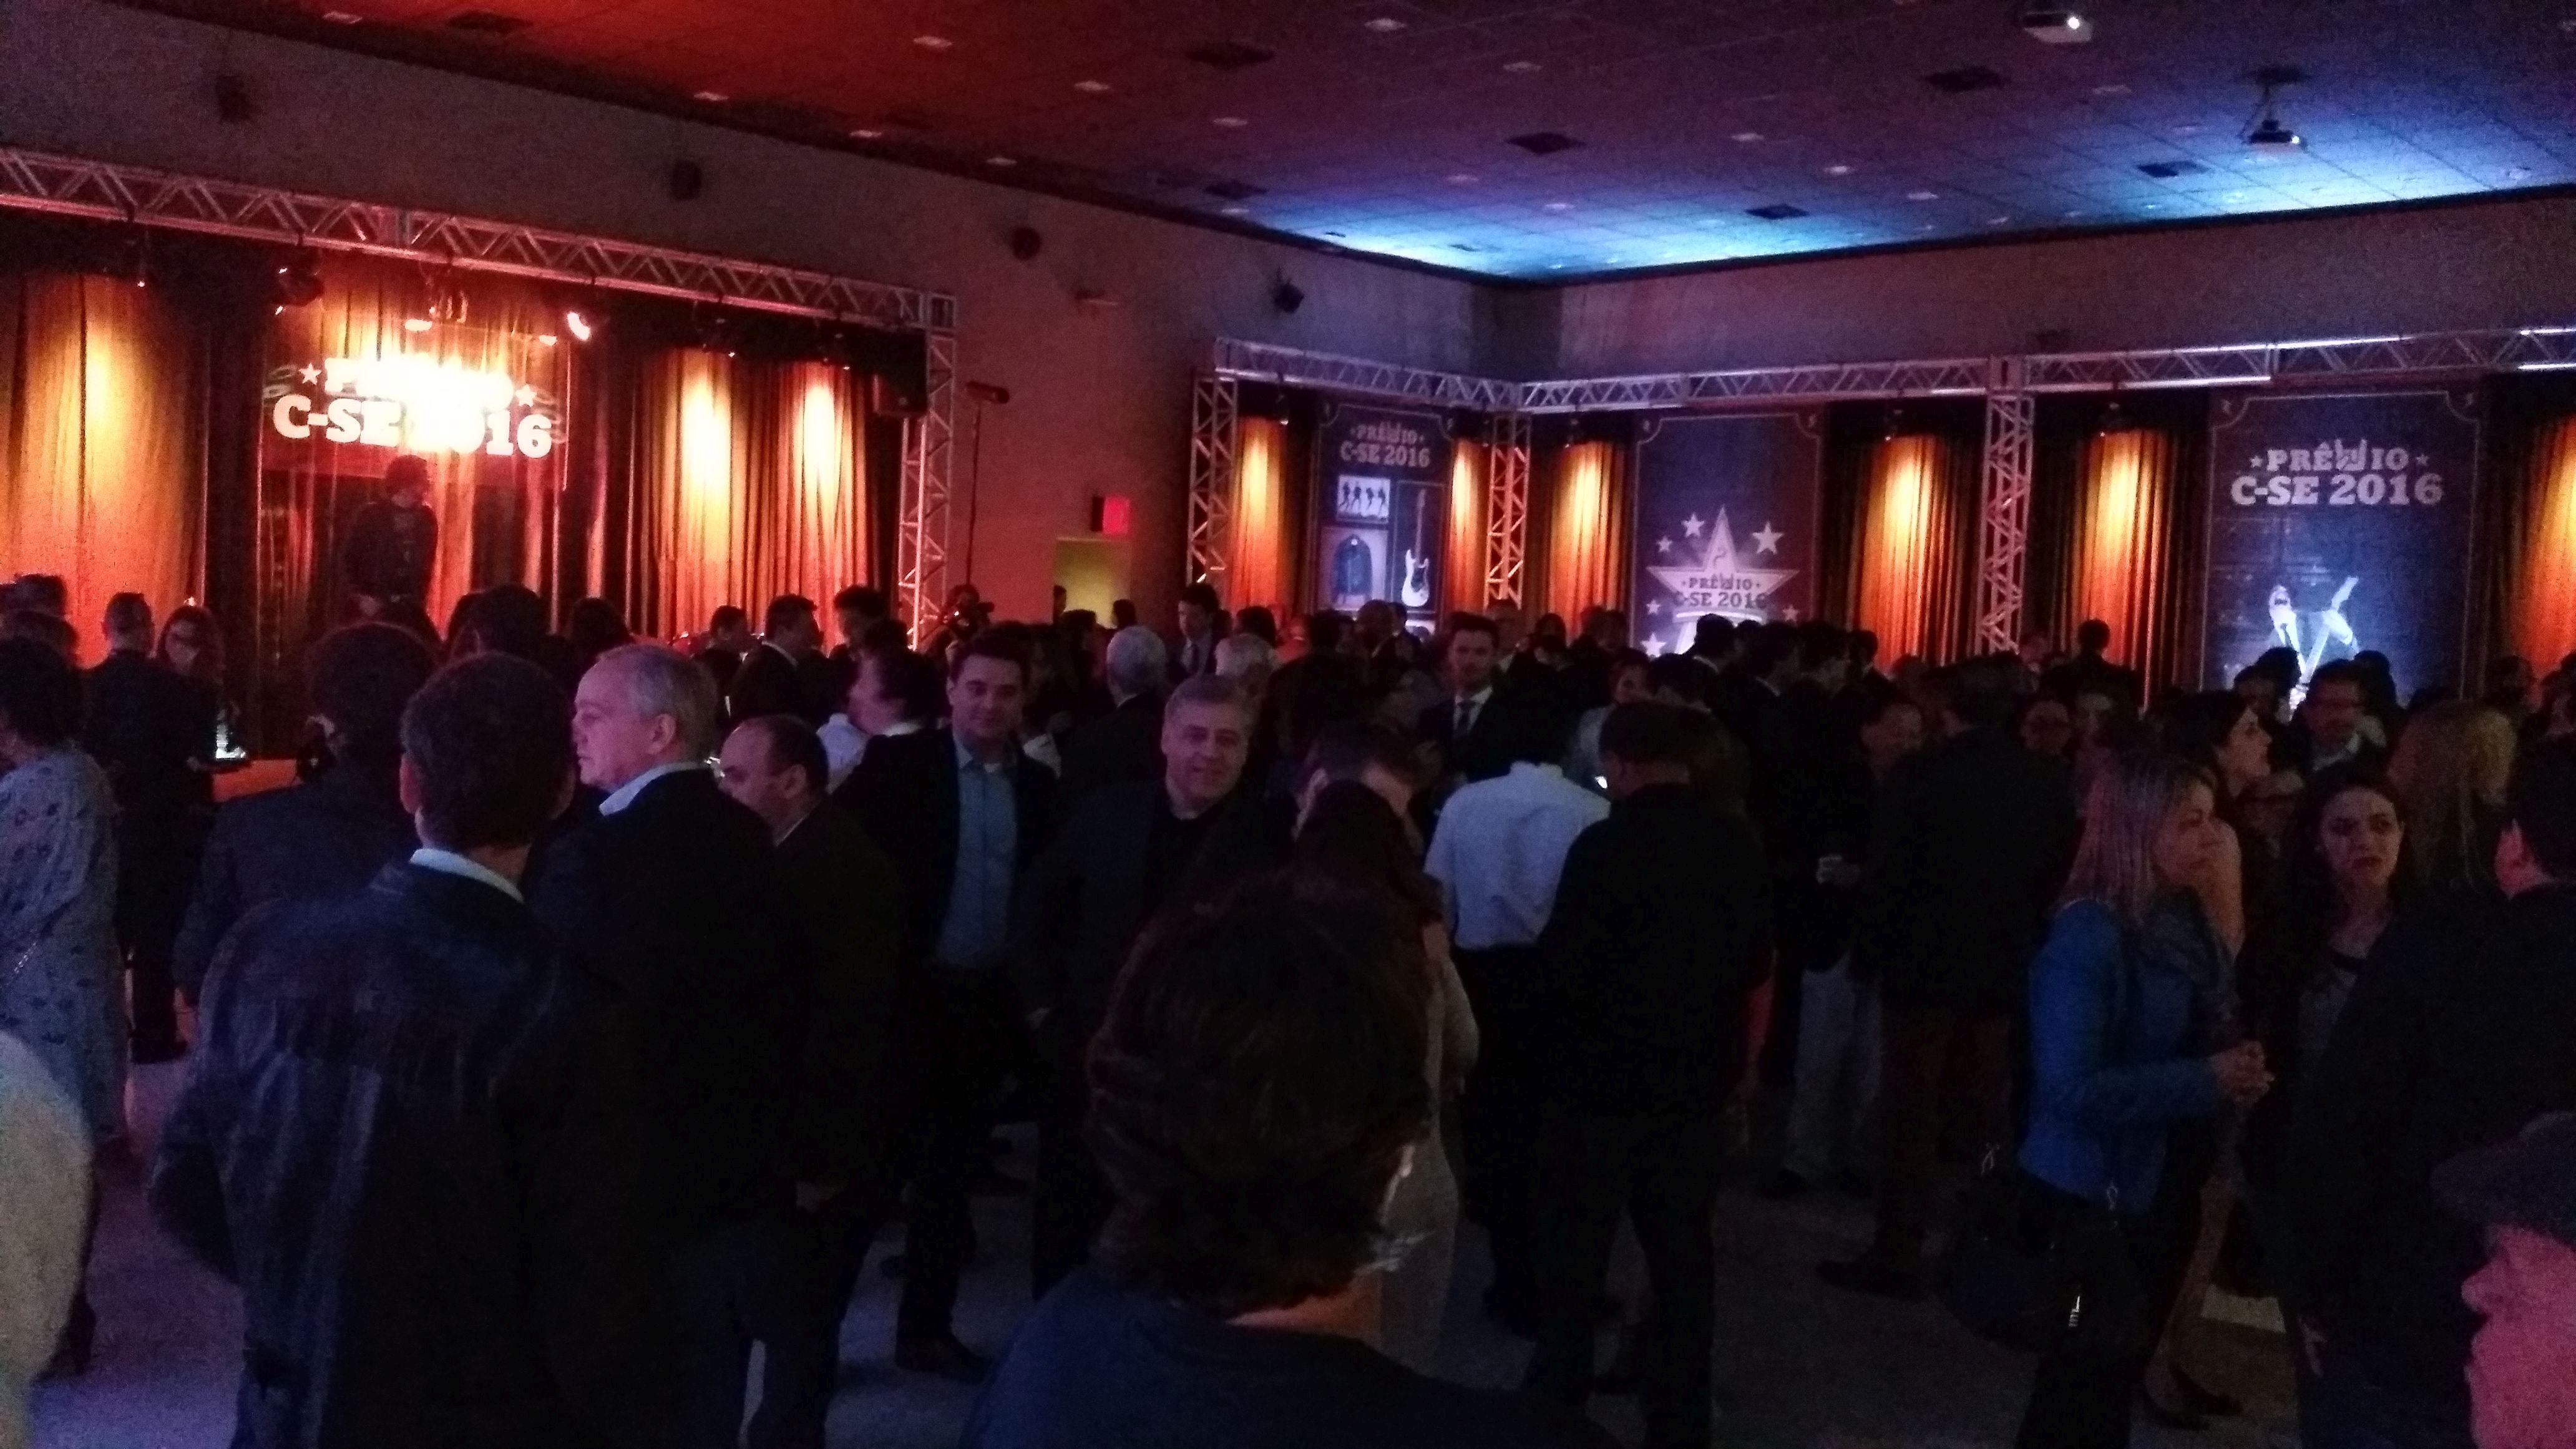 Cerca de 600 convidados participaram do evento. Foto: Emílio Coutinho